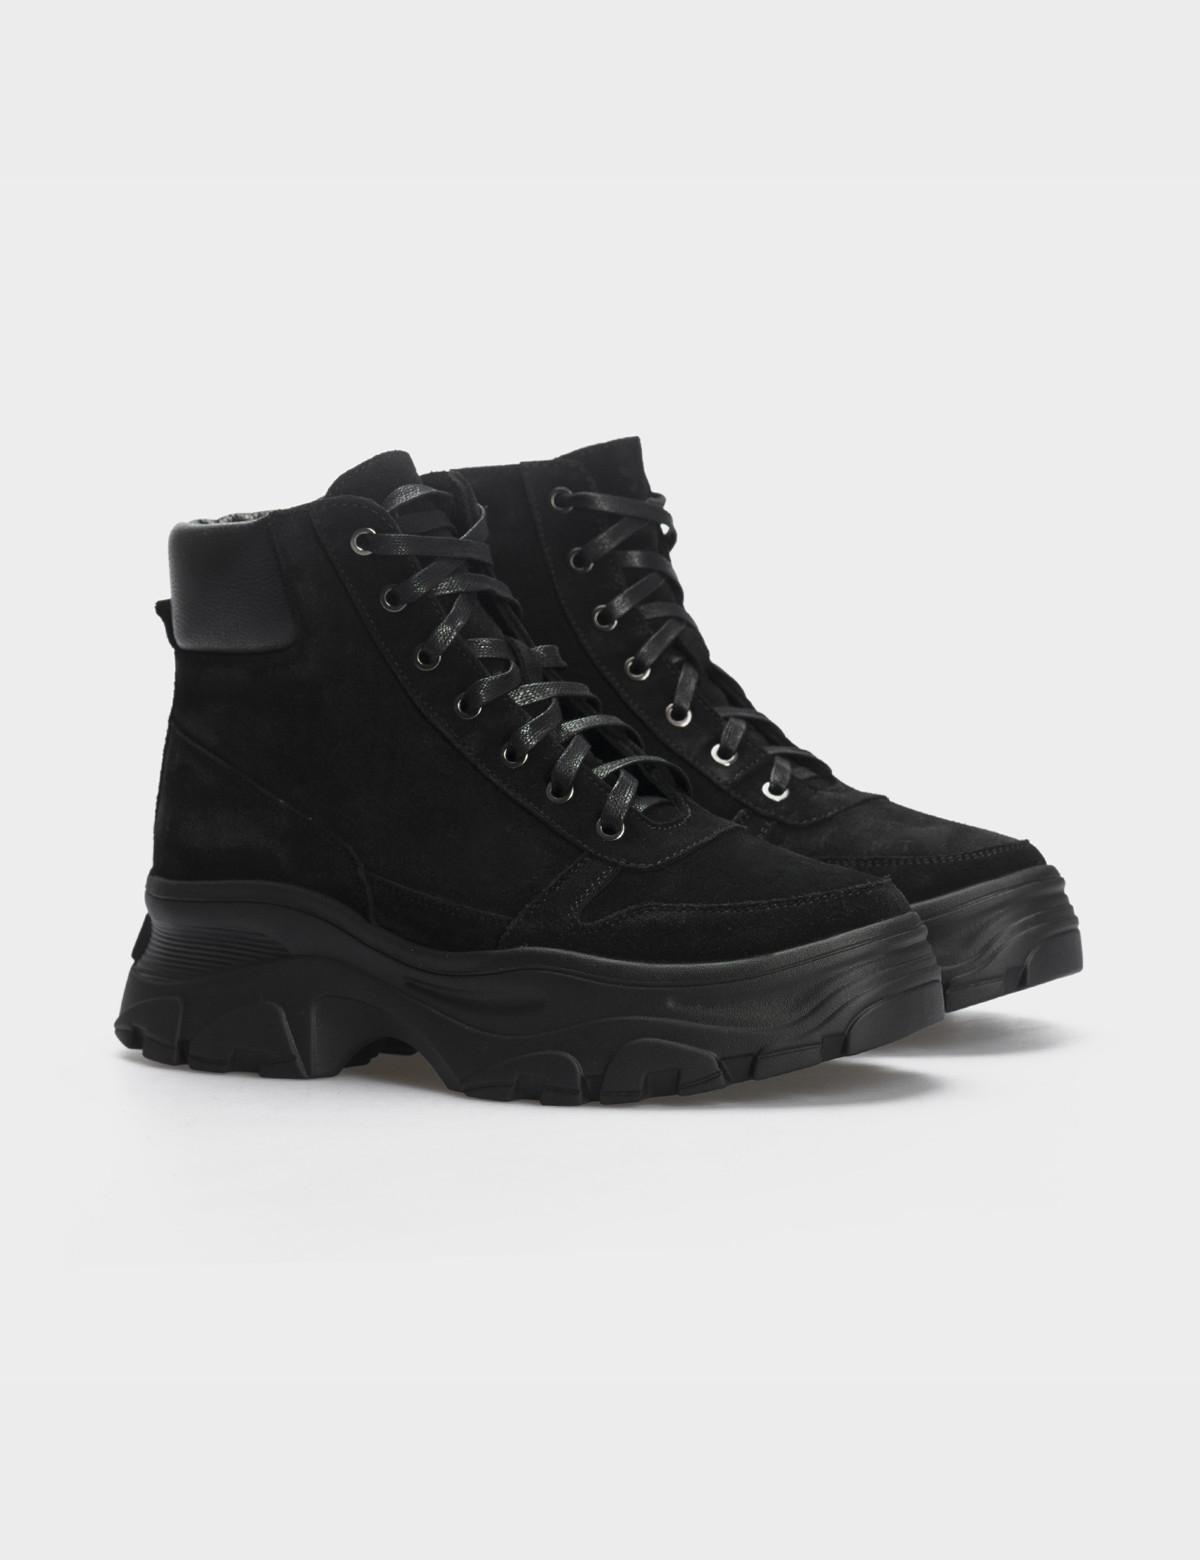 Ботинки черные, натуральная кожа/замша. Шерсть1